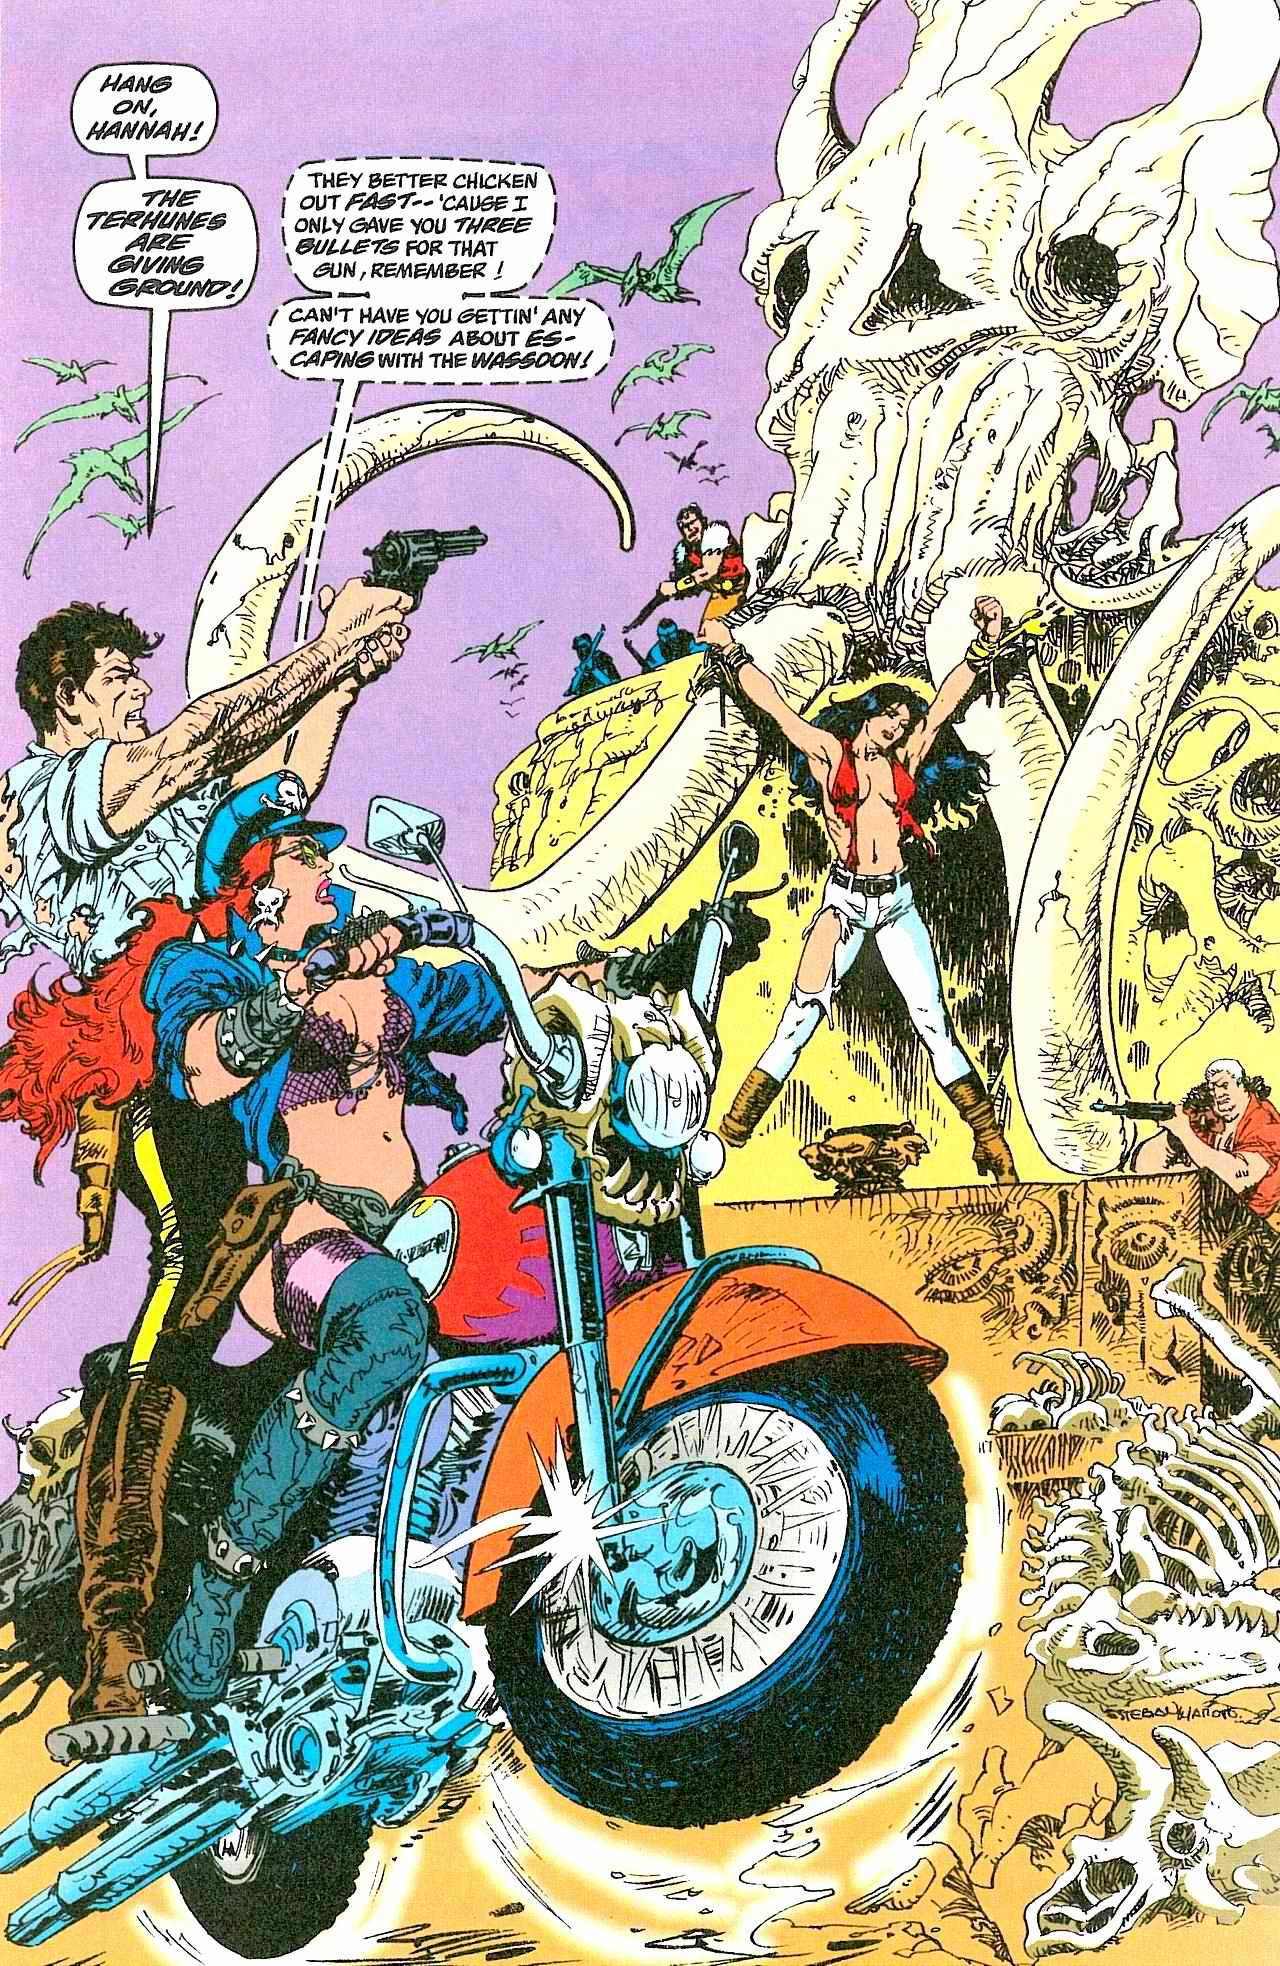 街机游戏《恐龙快打》的剧情,远远比我们想象的更加离奇